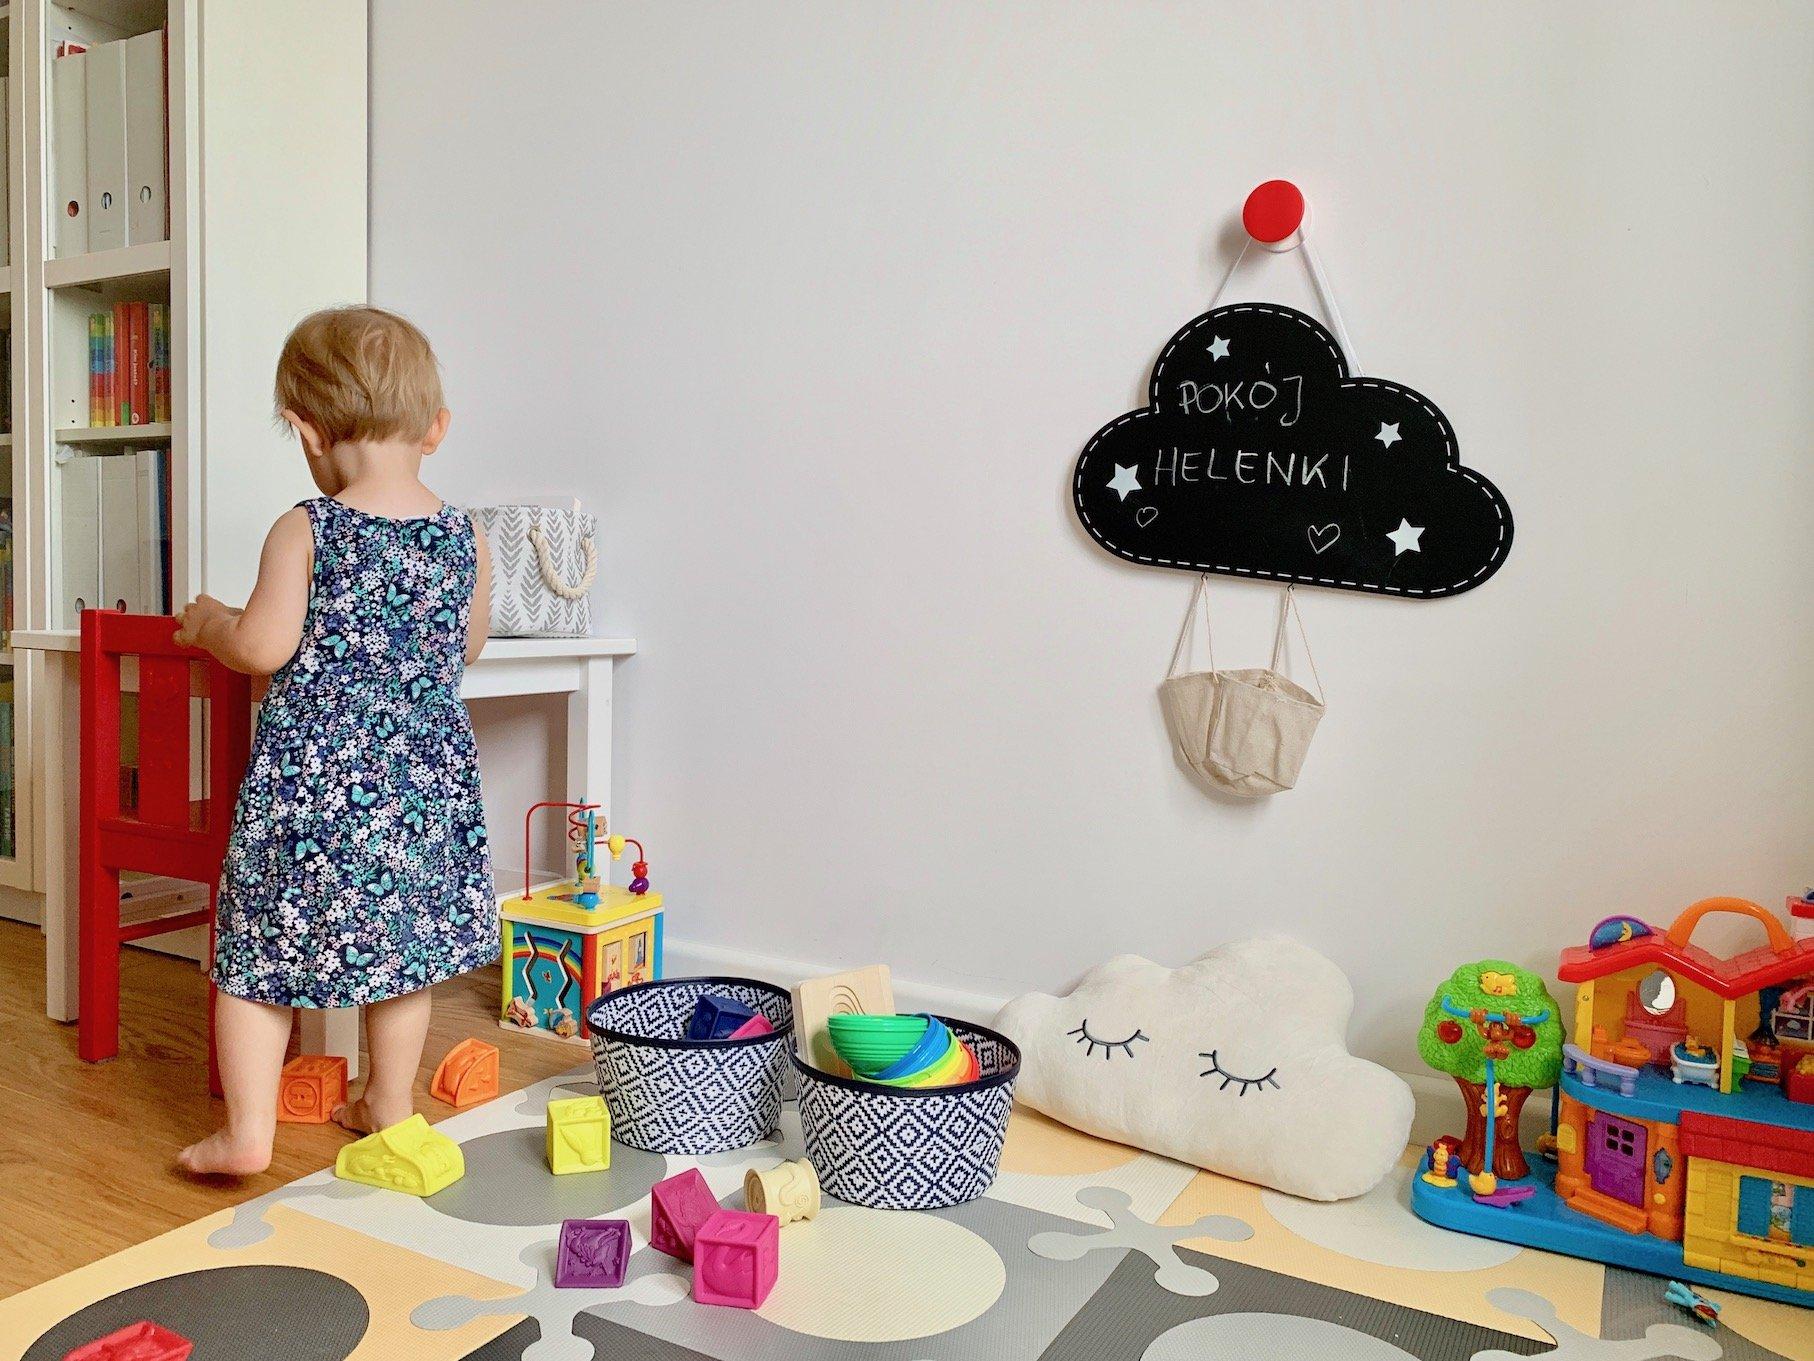 jak przechowywać zabawki dziecięce